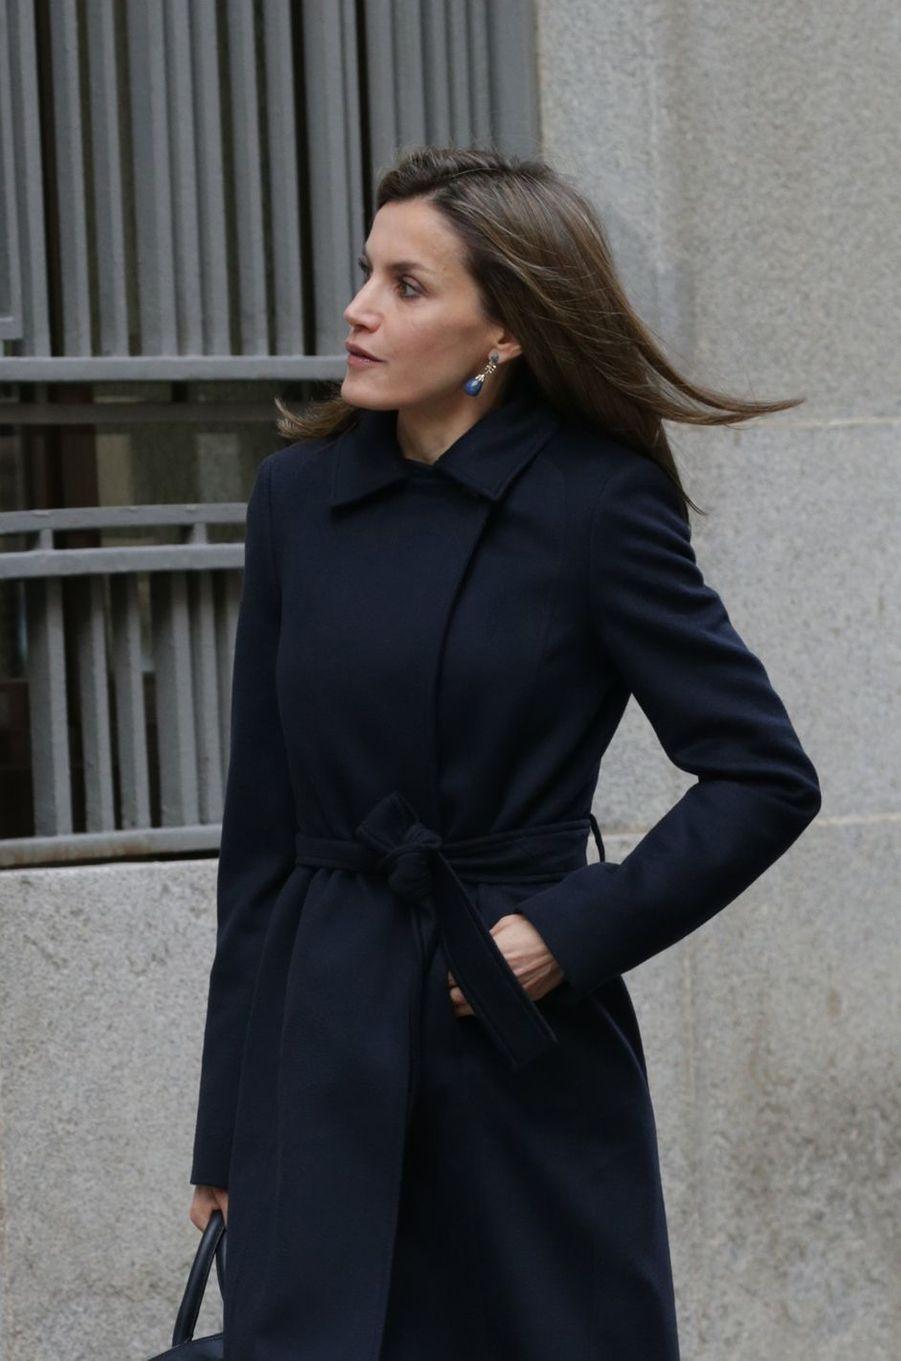 La reine Letizia d'Espagne à Madrid, le 10 janvier 2017